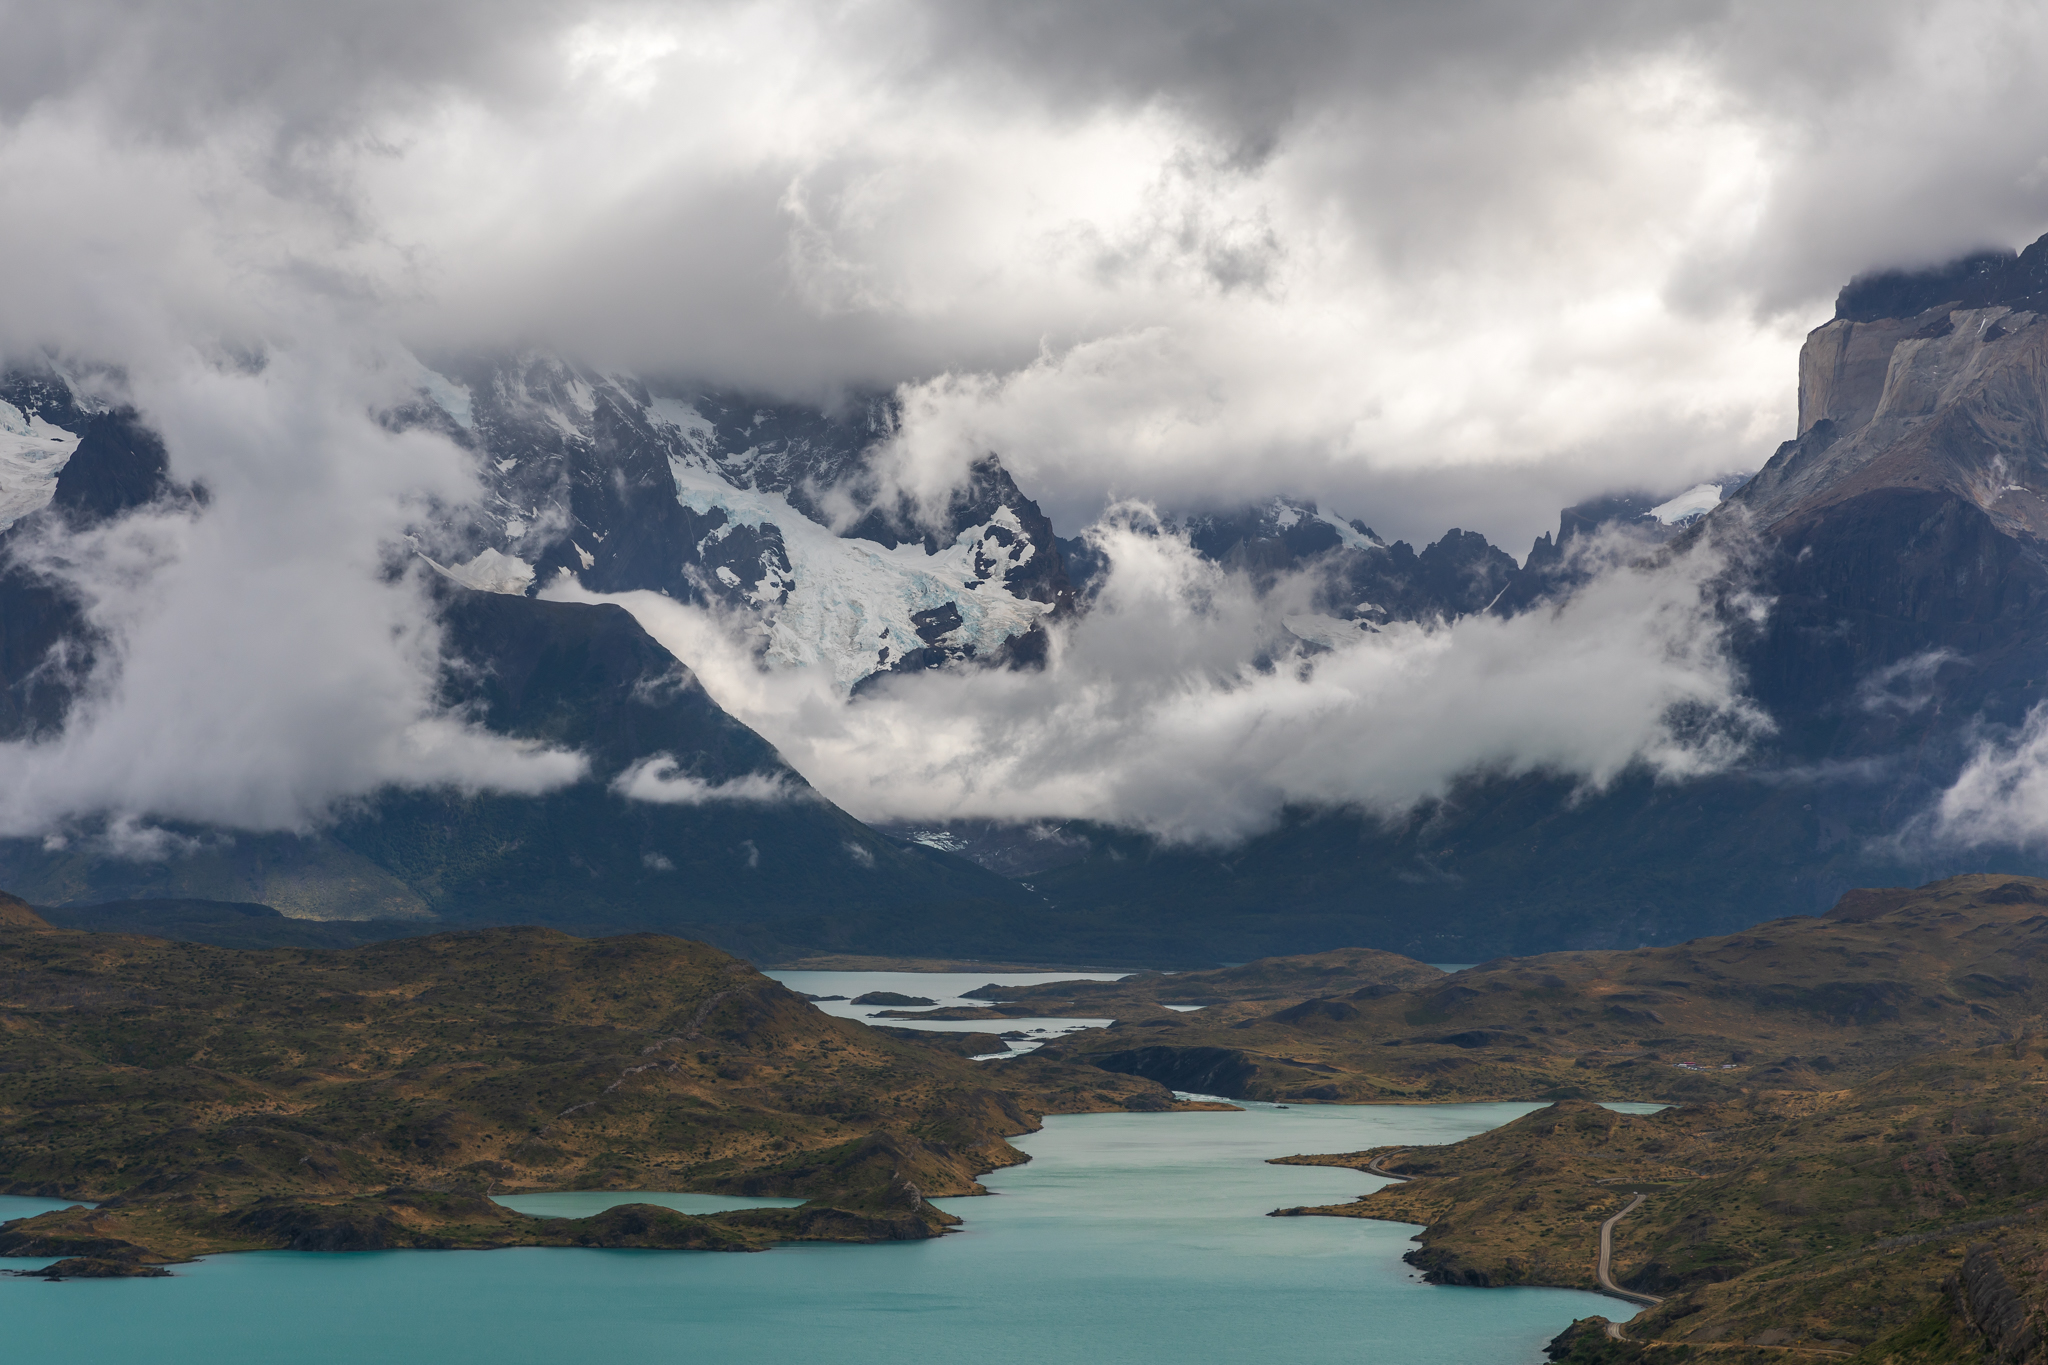 Photo: Die Wolken lassen die wahren Ausmaße des Massivs erst erahnen.